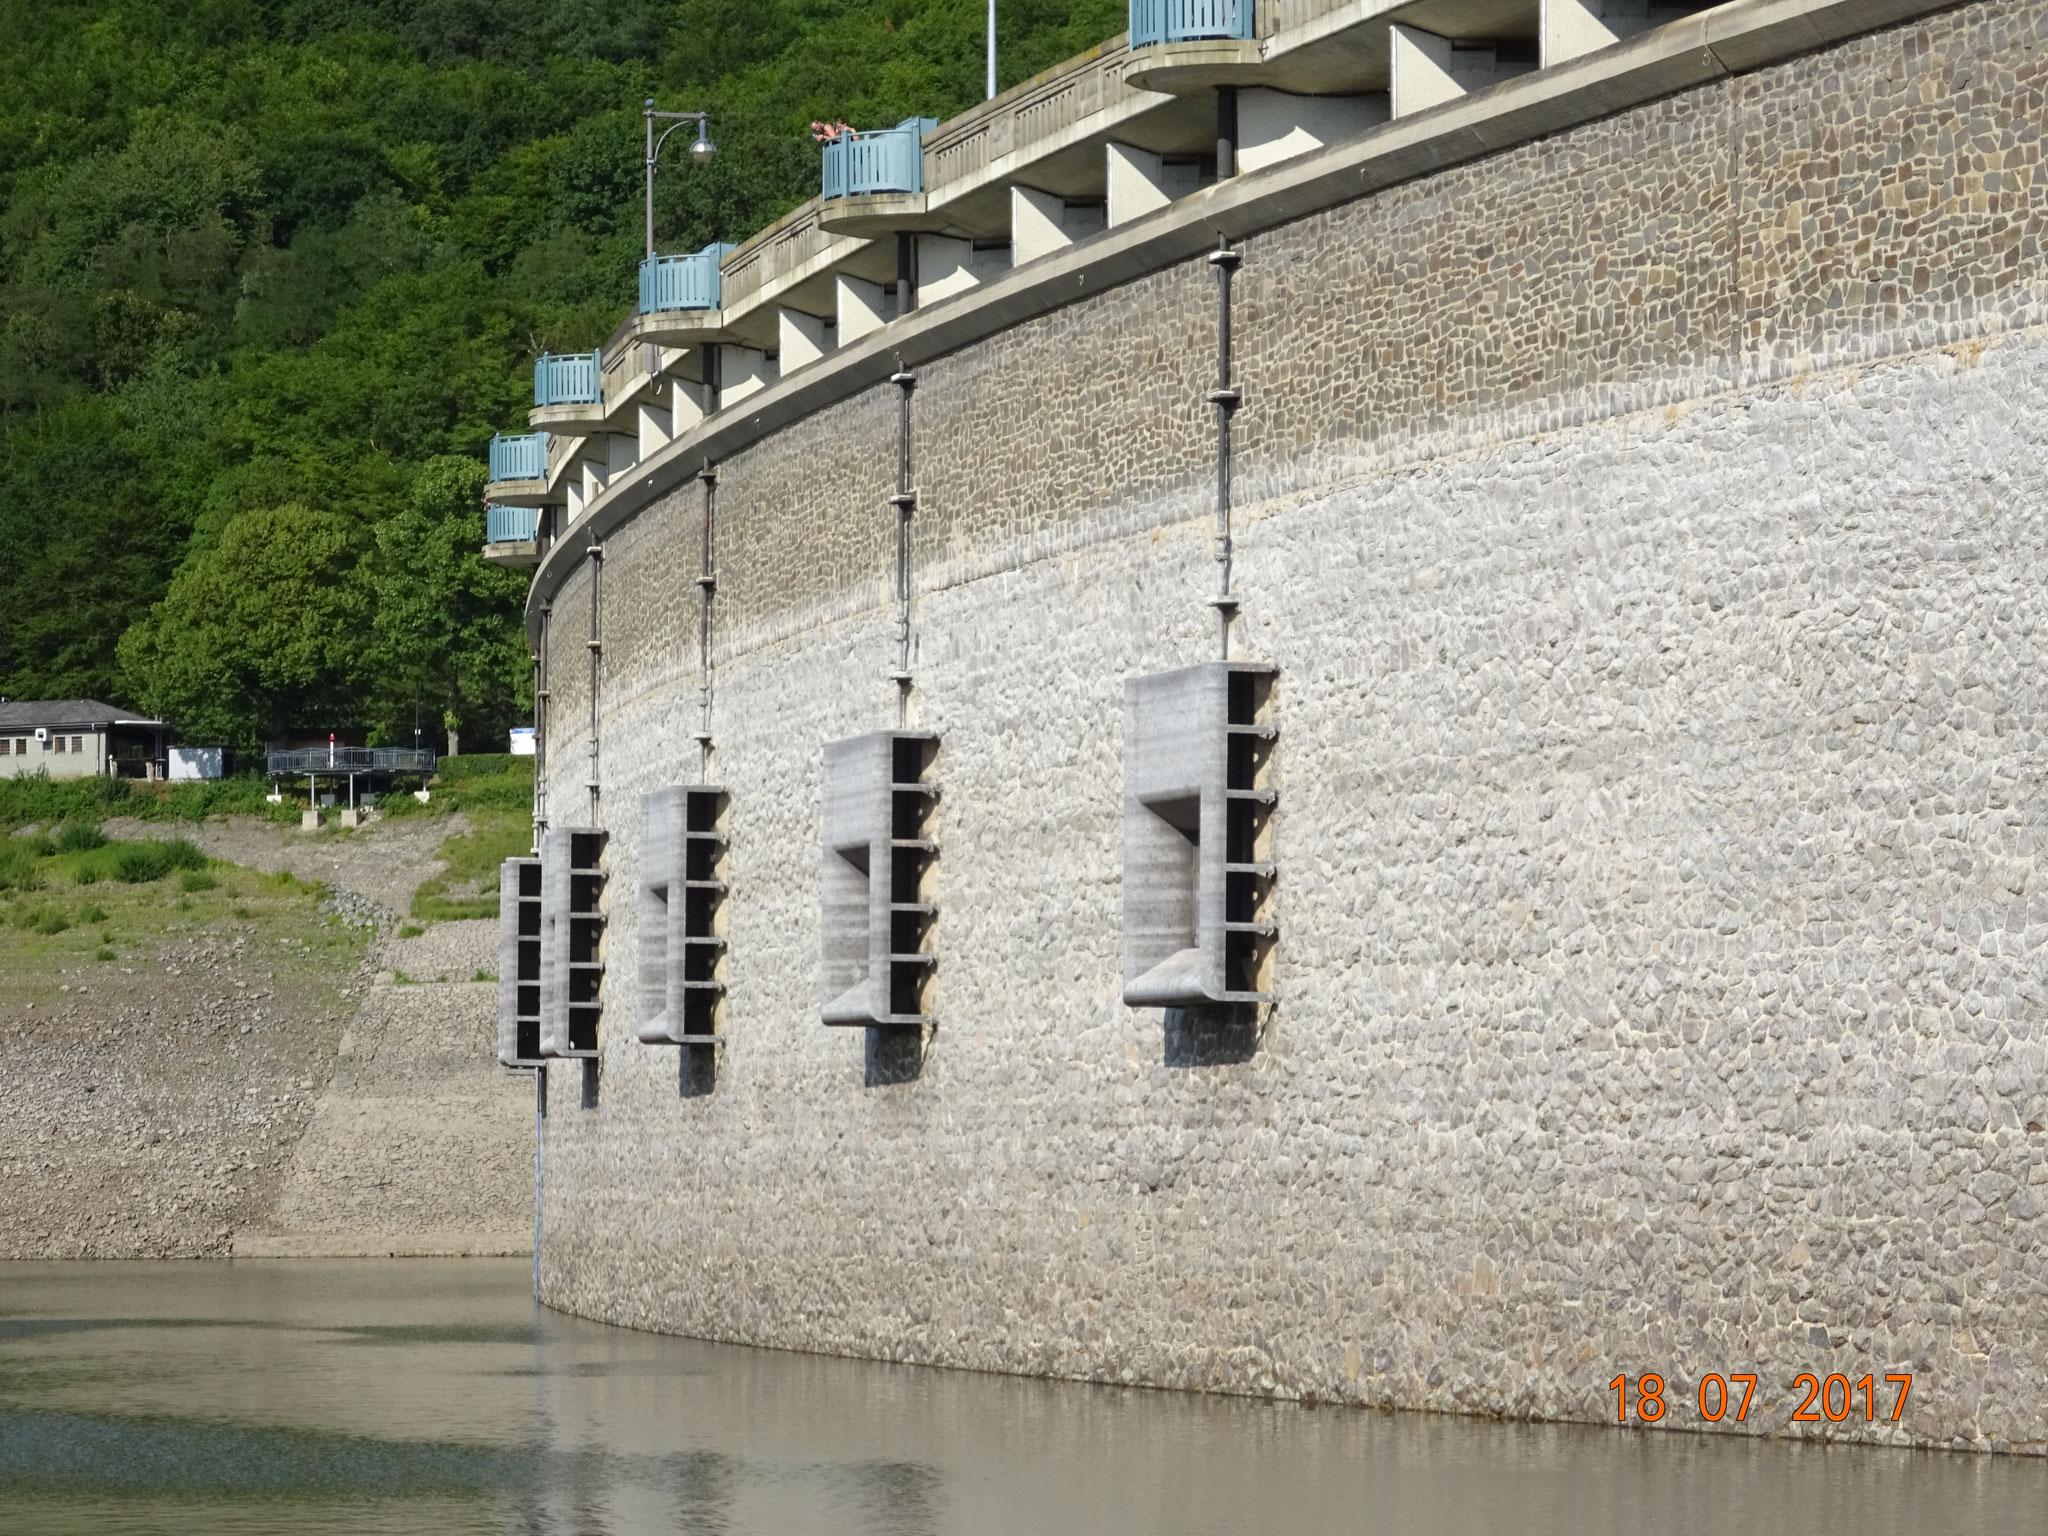 Staumauer von innen zu sehen